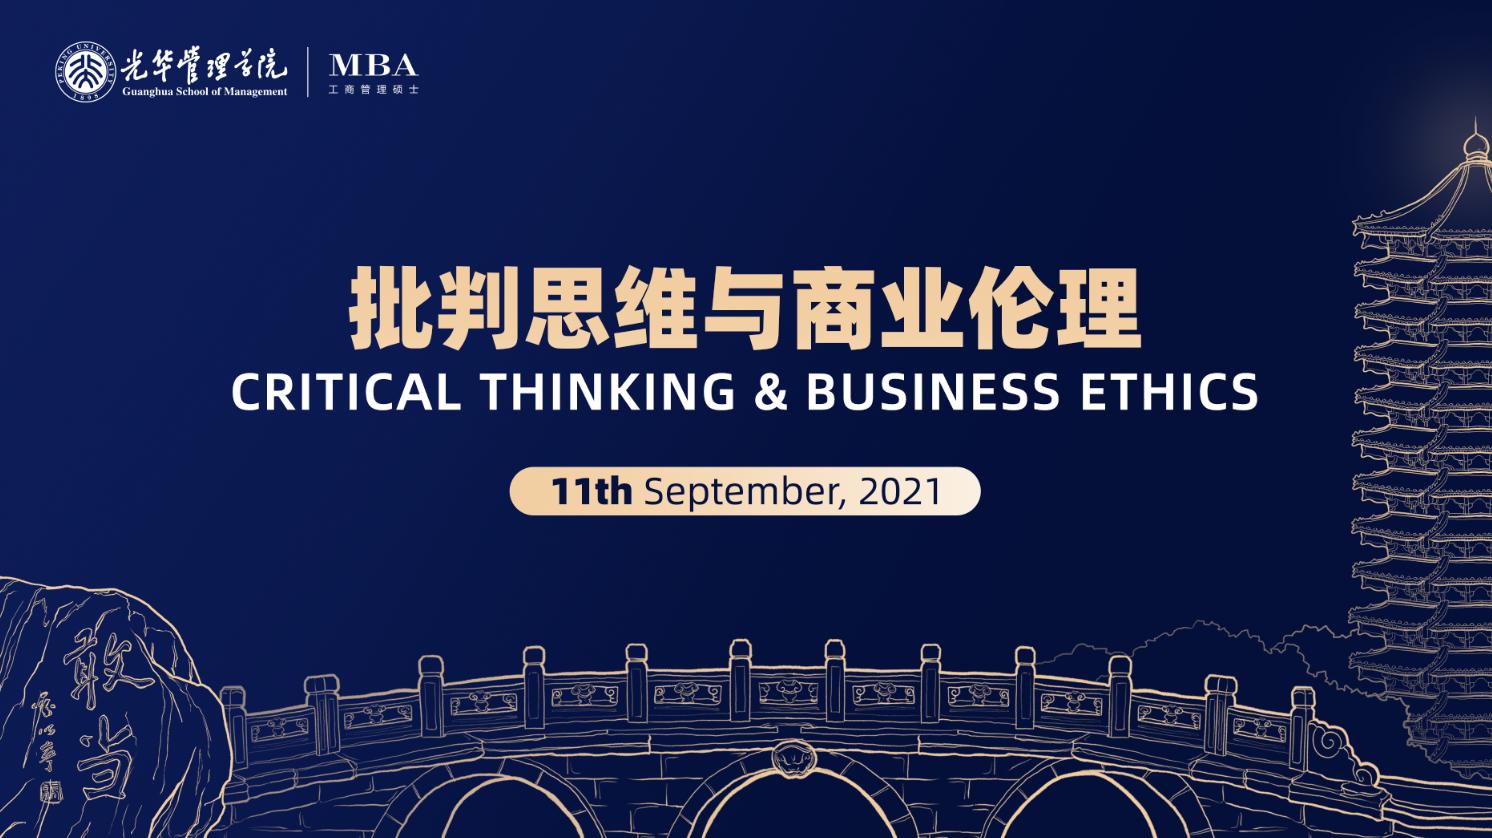 2021北大光华MBA开学第一课——批判思维与商业伦理